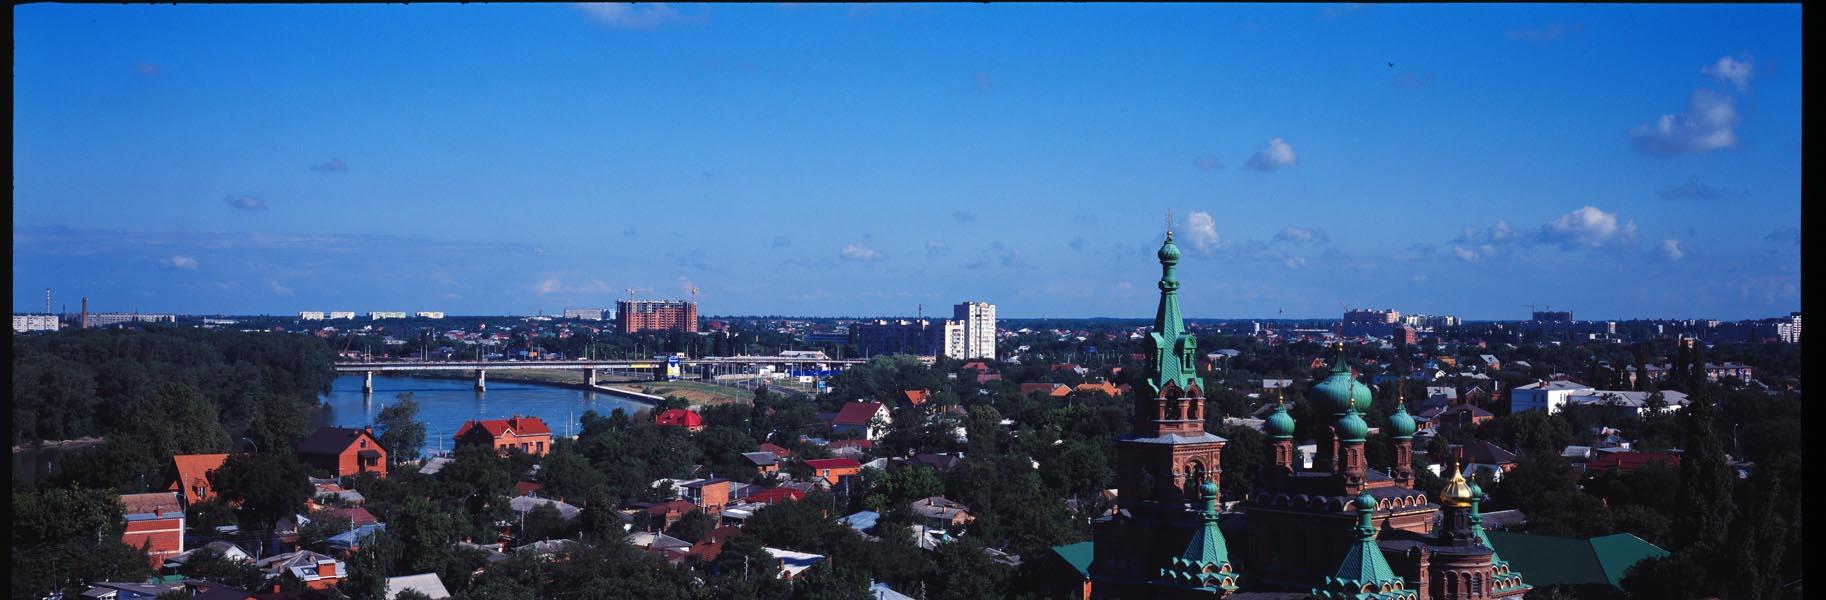 Krasnodar6x17_008